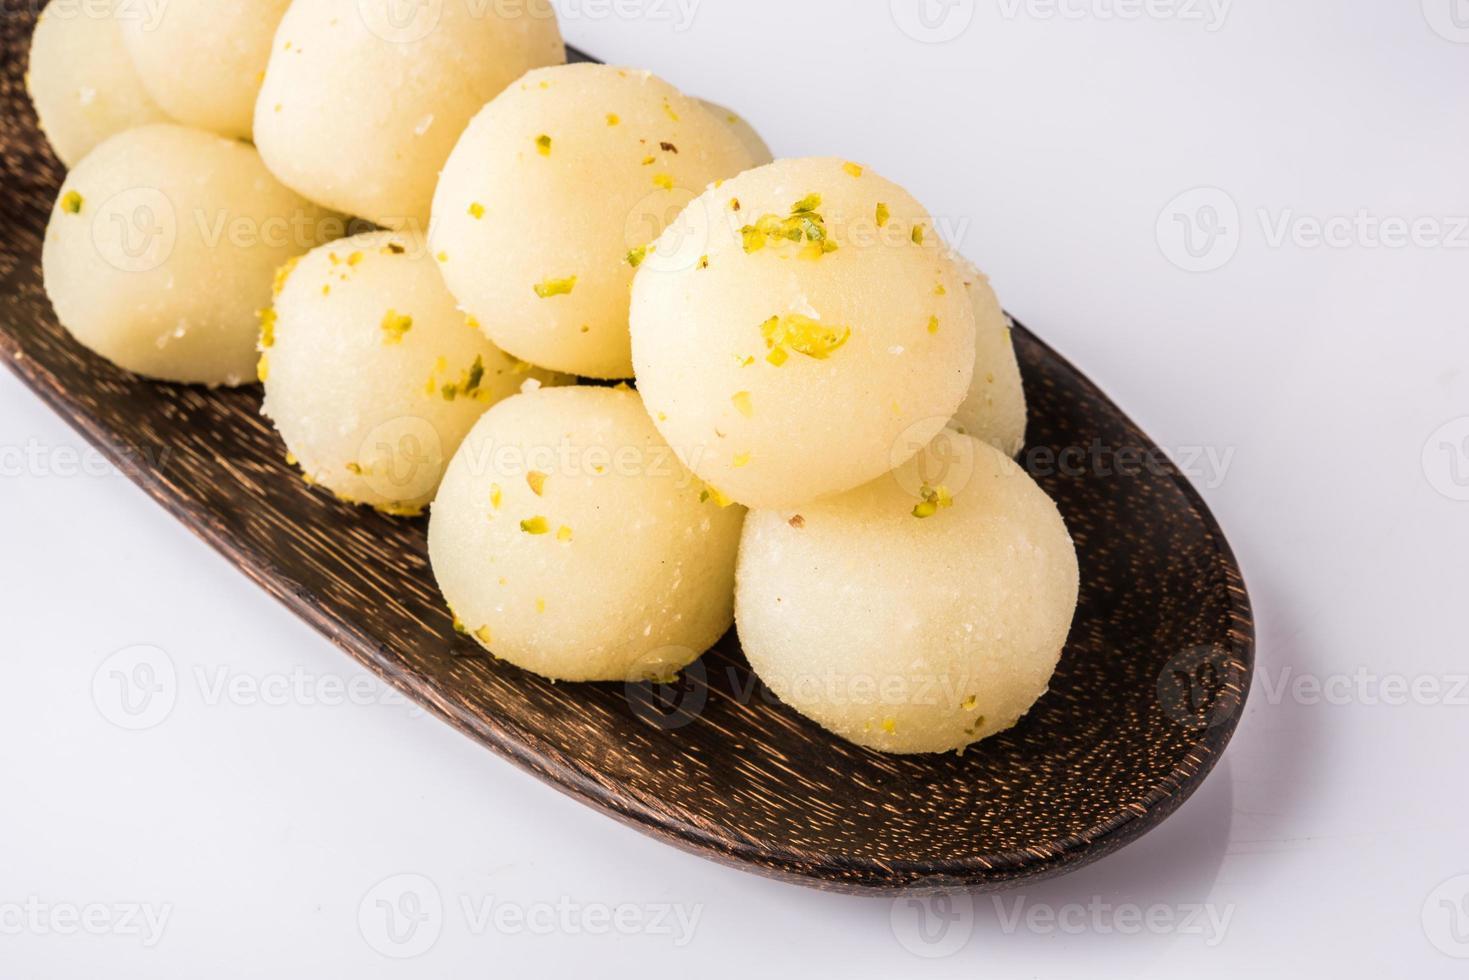 rasgulla of rasgulle, Indisch zoet, Indisch dessert foto